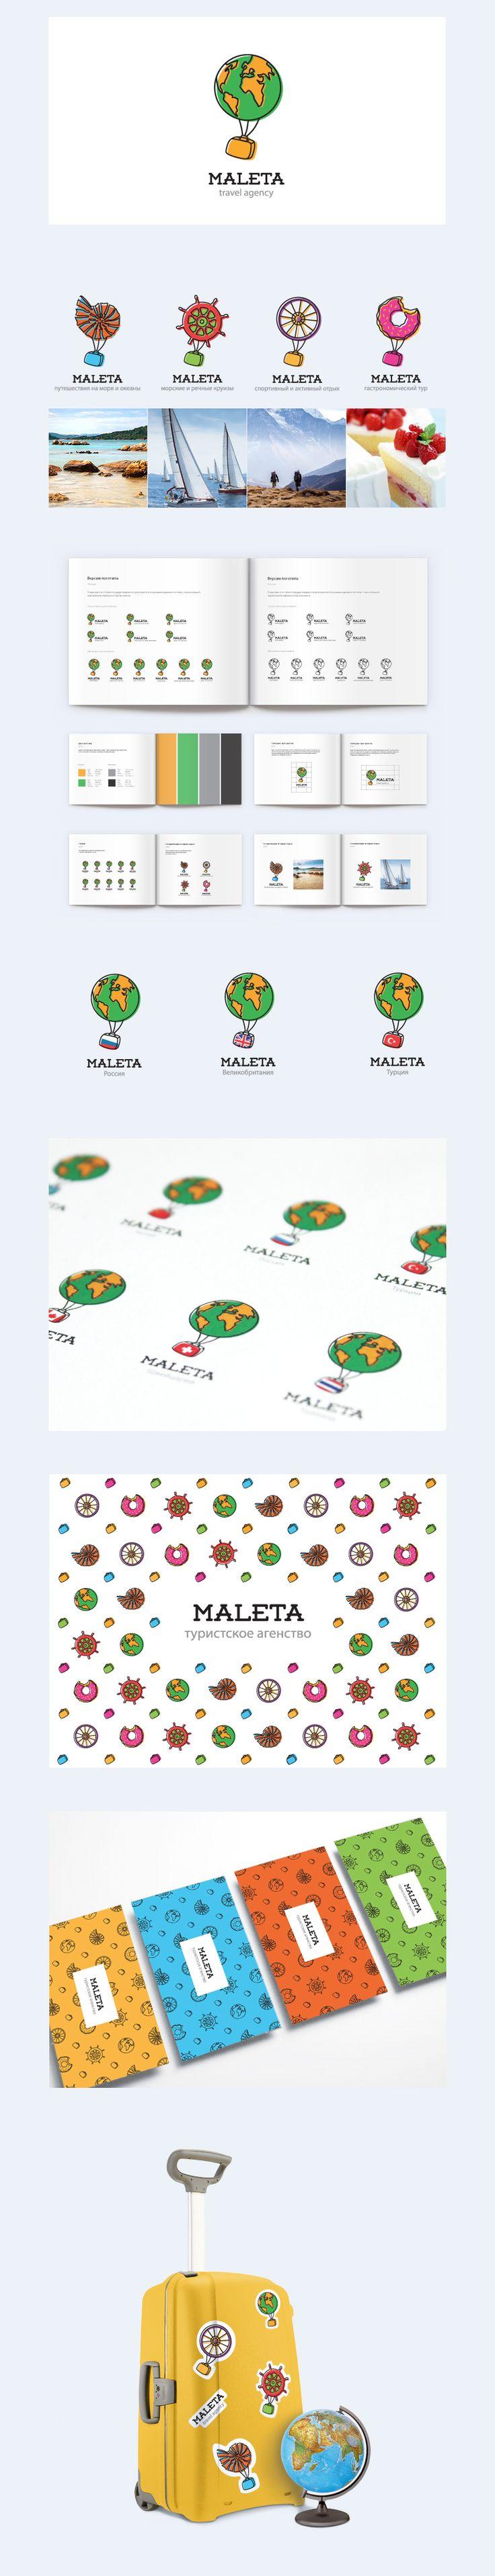 Maleta.kz — это казахстанский туристический портал, предлагающий набор бесплатных сервисов для планирования и организации путешествия.  «Maleta» в переводе с испанского — чемодан. Поэтому основным требованием заказчика было присутствие на логотипе этого незаменимого спутника любого путешественника.  Земной шар можно с легкостью заменить на любой тематический объект. А для маркирования конкретного направления чемодан приобретает окрас флага необходимой страны.  Мария Колоколова